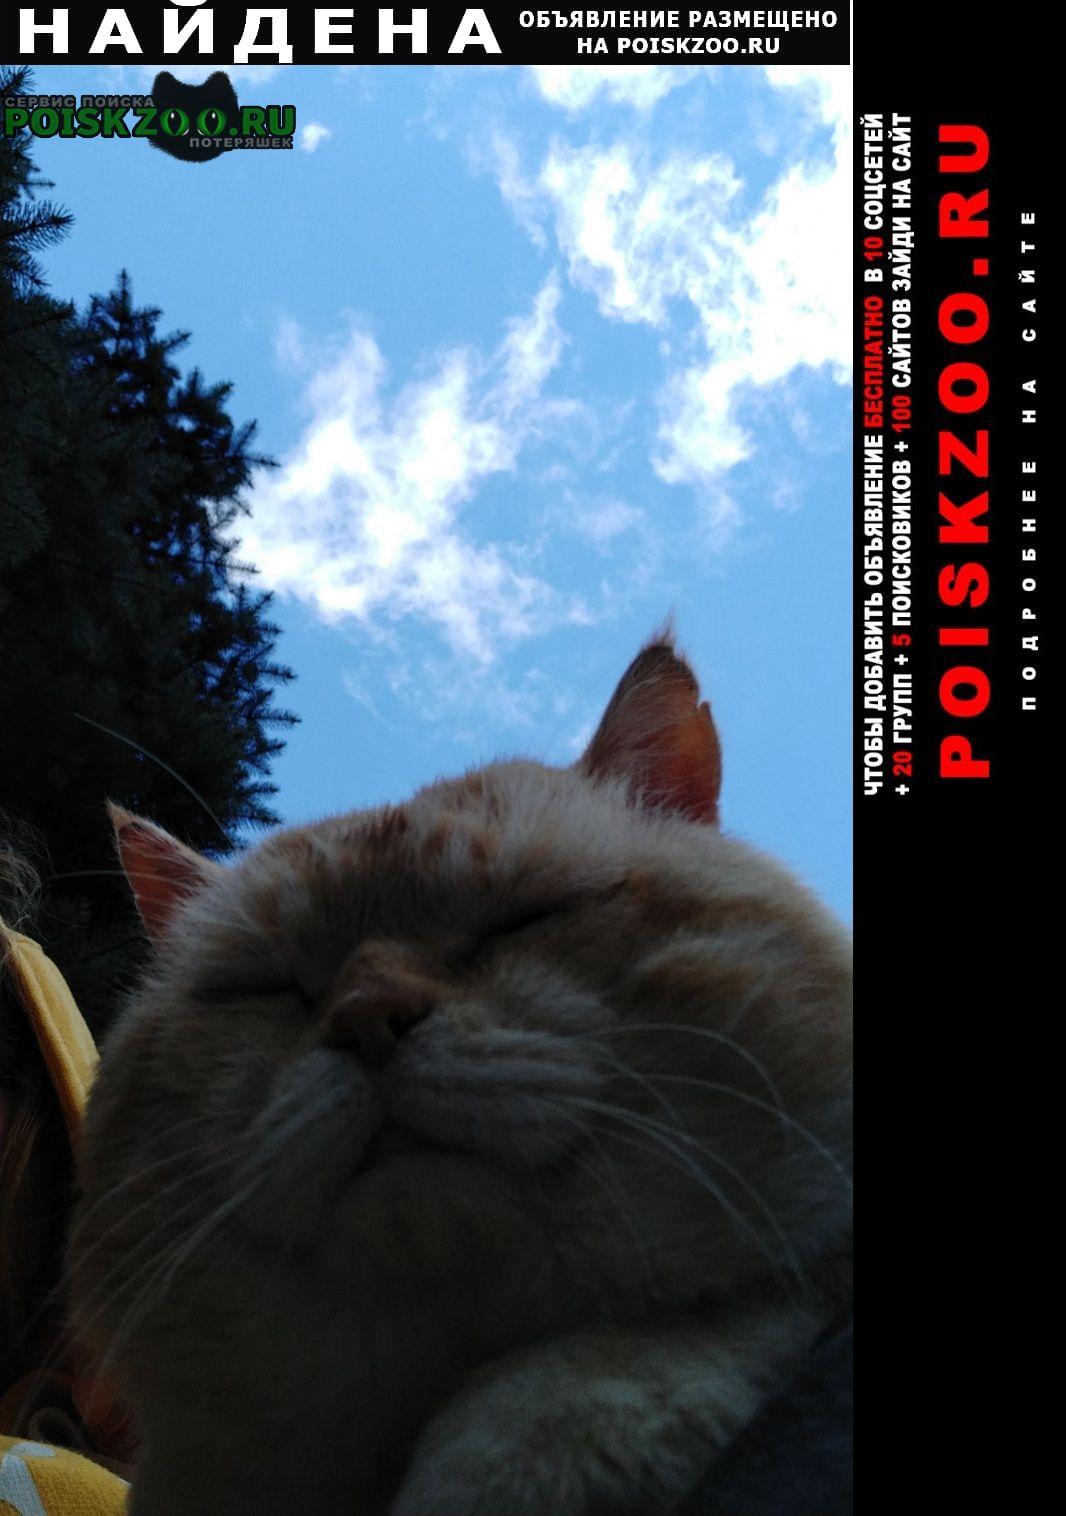 Чехов Найдена кошка кот не кастрированный